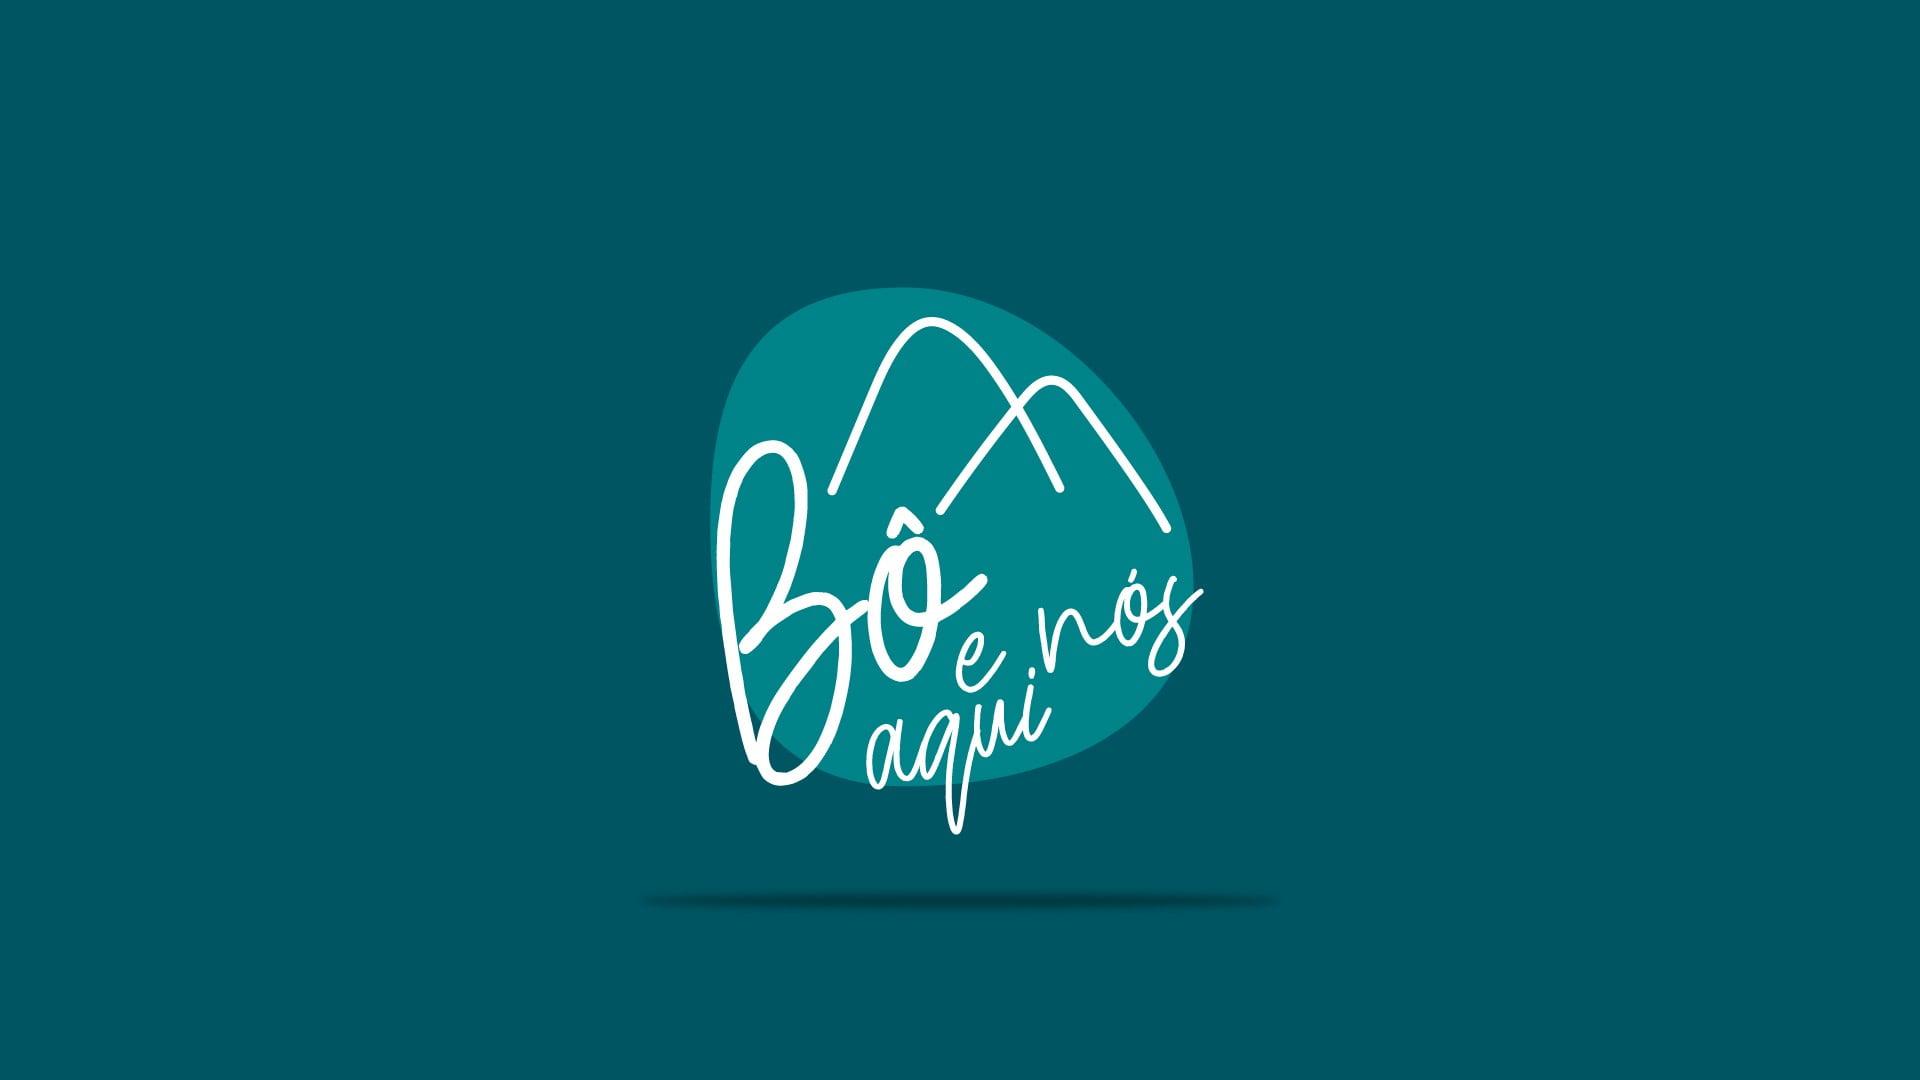 Bô e nós aqui - Produção Brand 22 Creative Agency